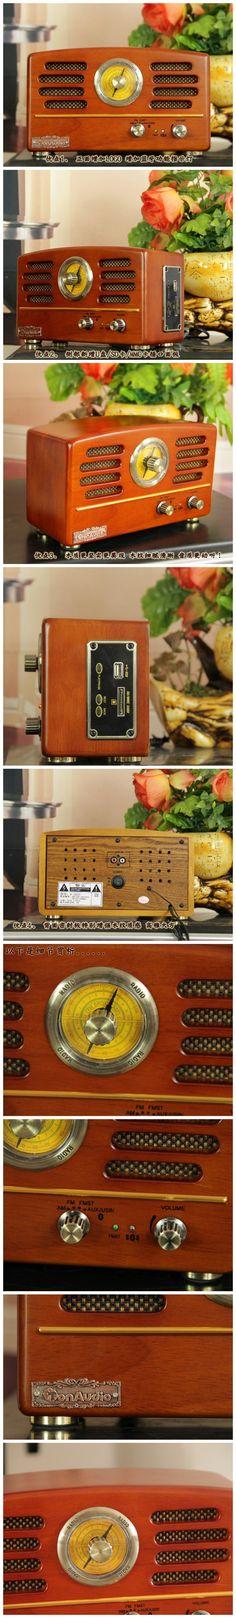 Из твердой древесины классический античный радио r202U винтаж ретро антикварная отделка радио фотографии реквизит украшения технологии, принадлежащий категории Радио и относящийся к Электроника на сайте AliExpress.com | Alibaba Group 13097 р